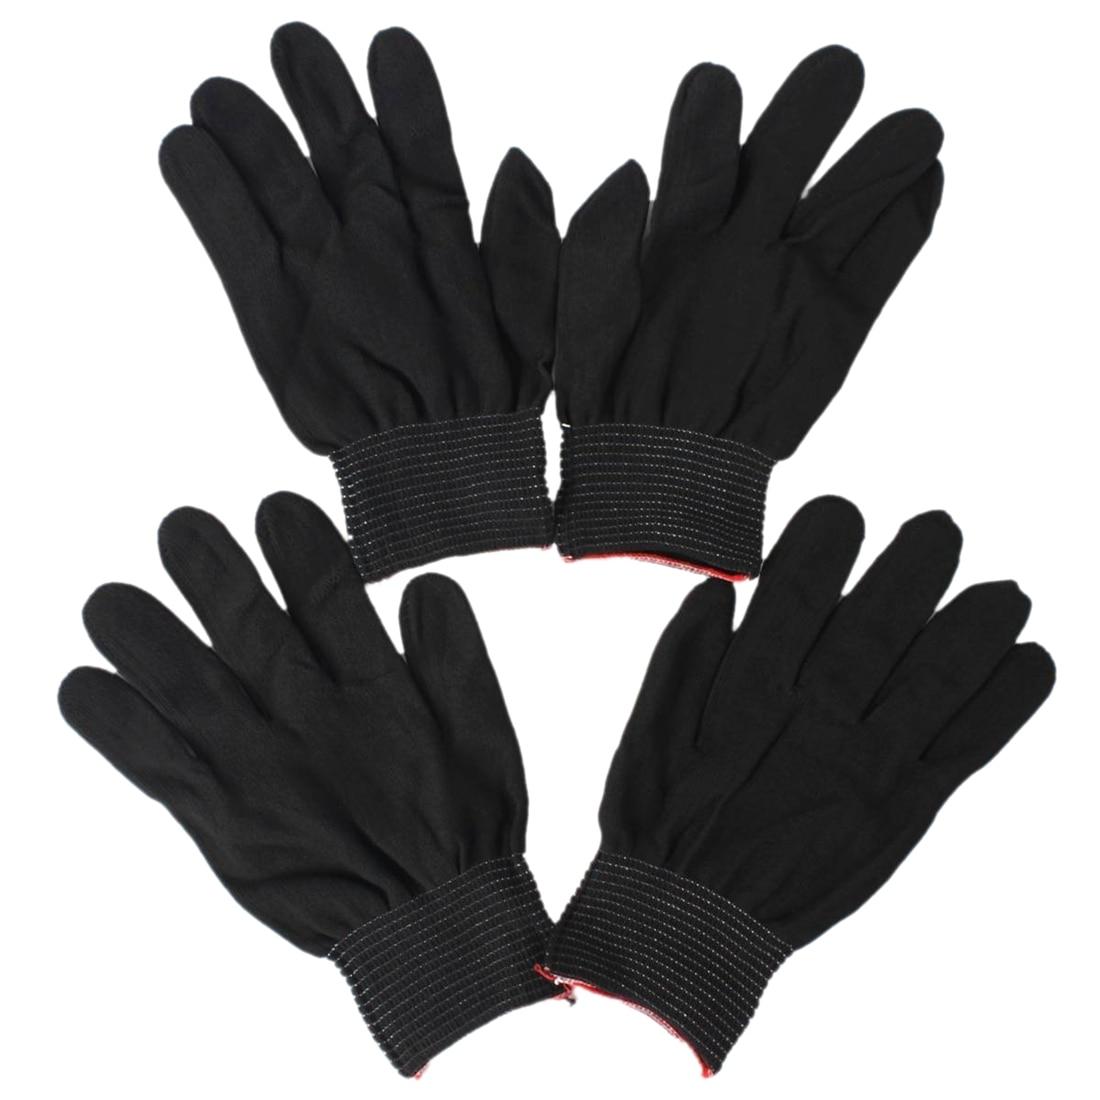 2 Pair Of Antistatic Nylon Work Gloves Nylon Gloves, Black-Hot